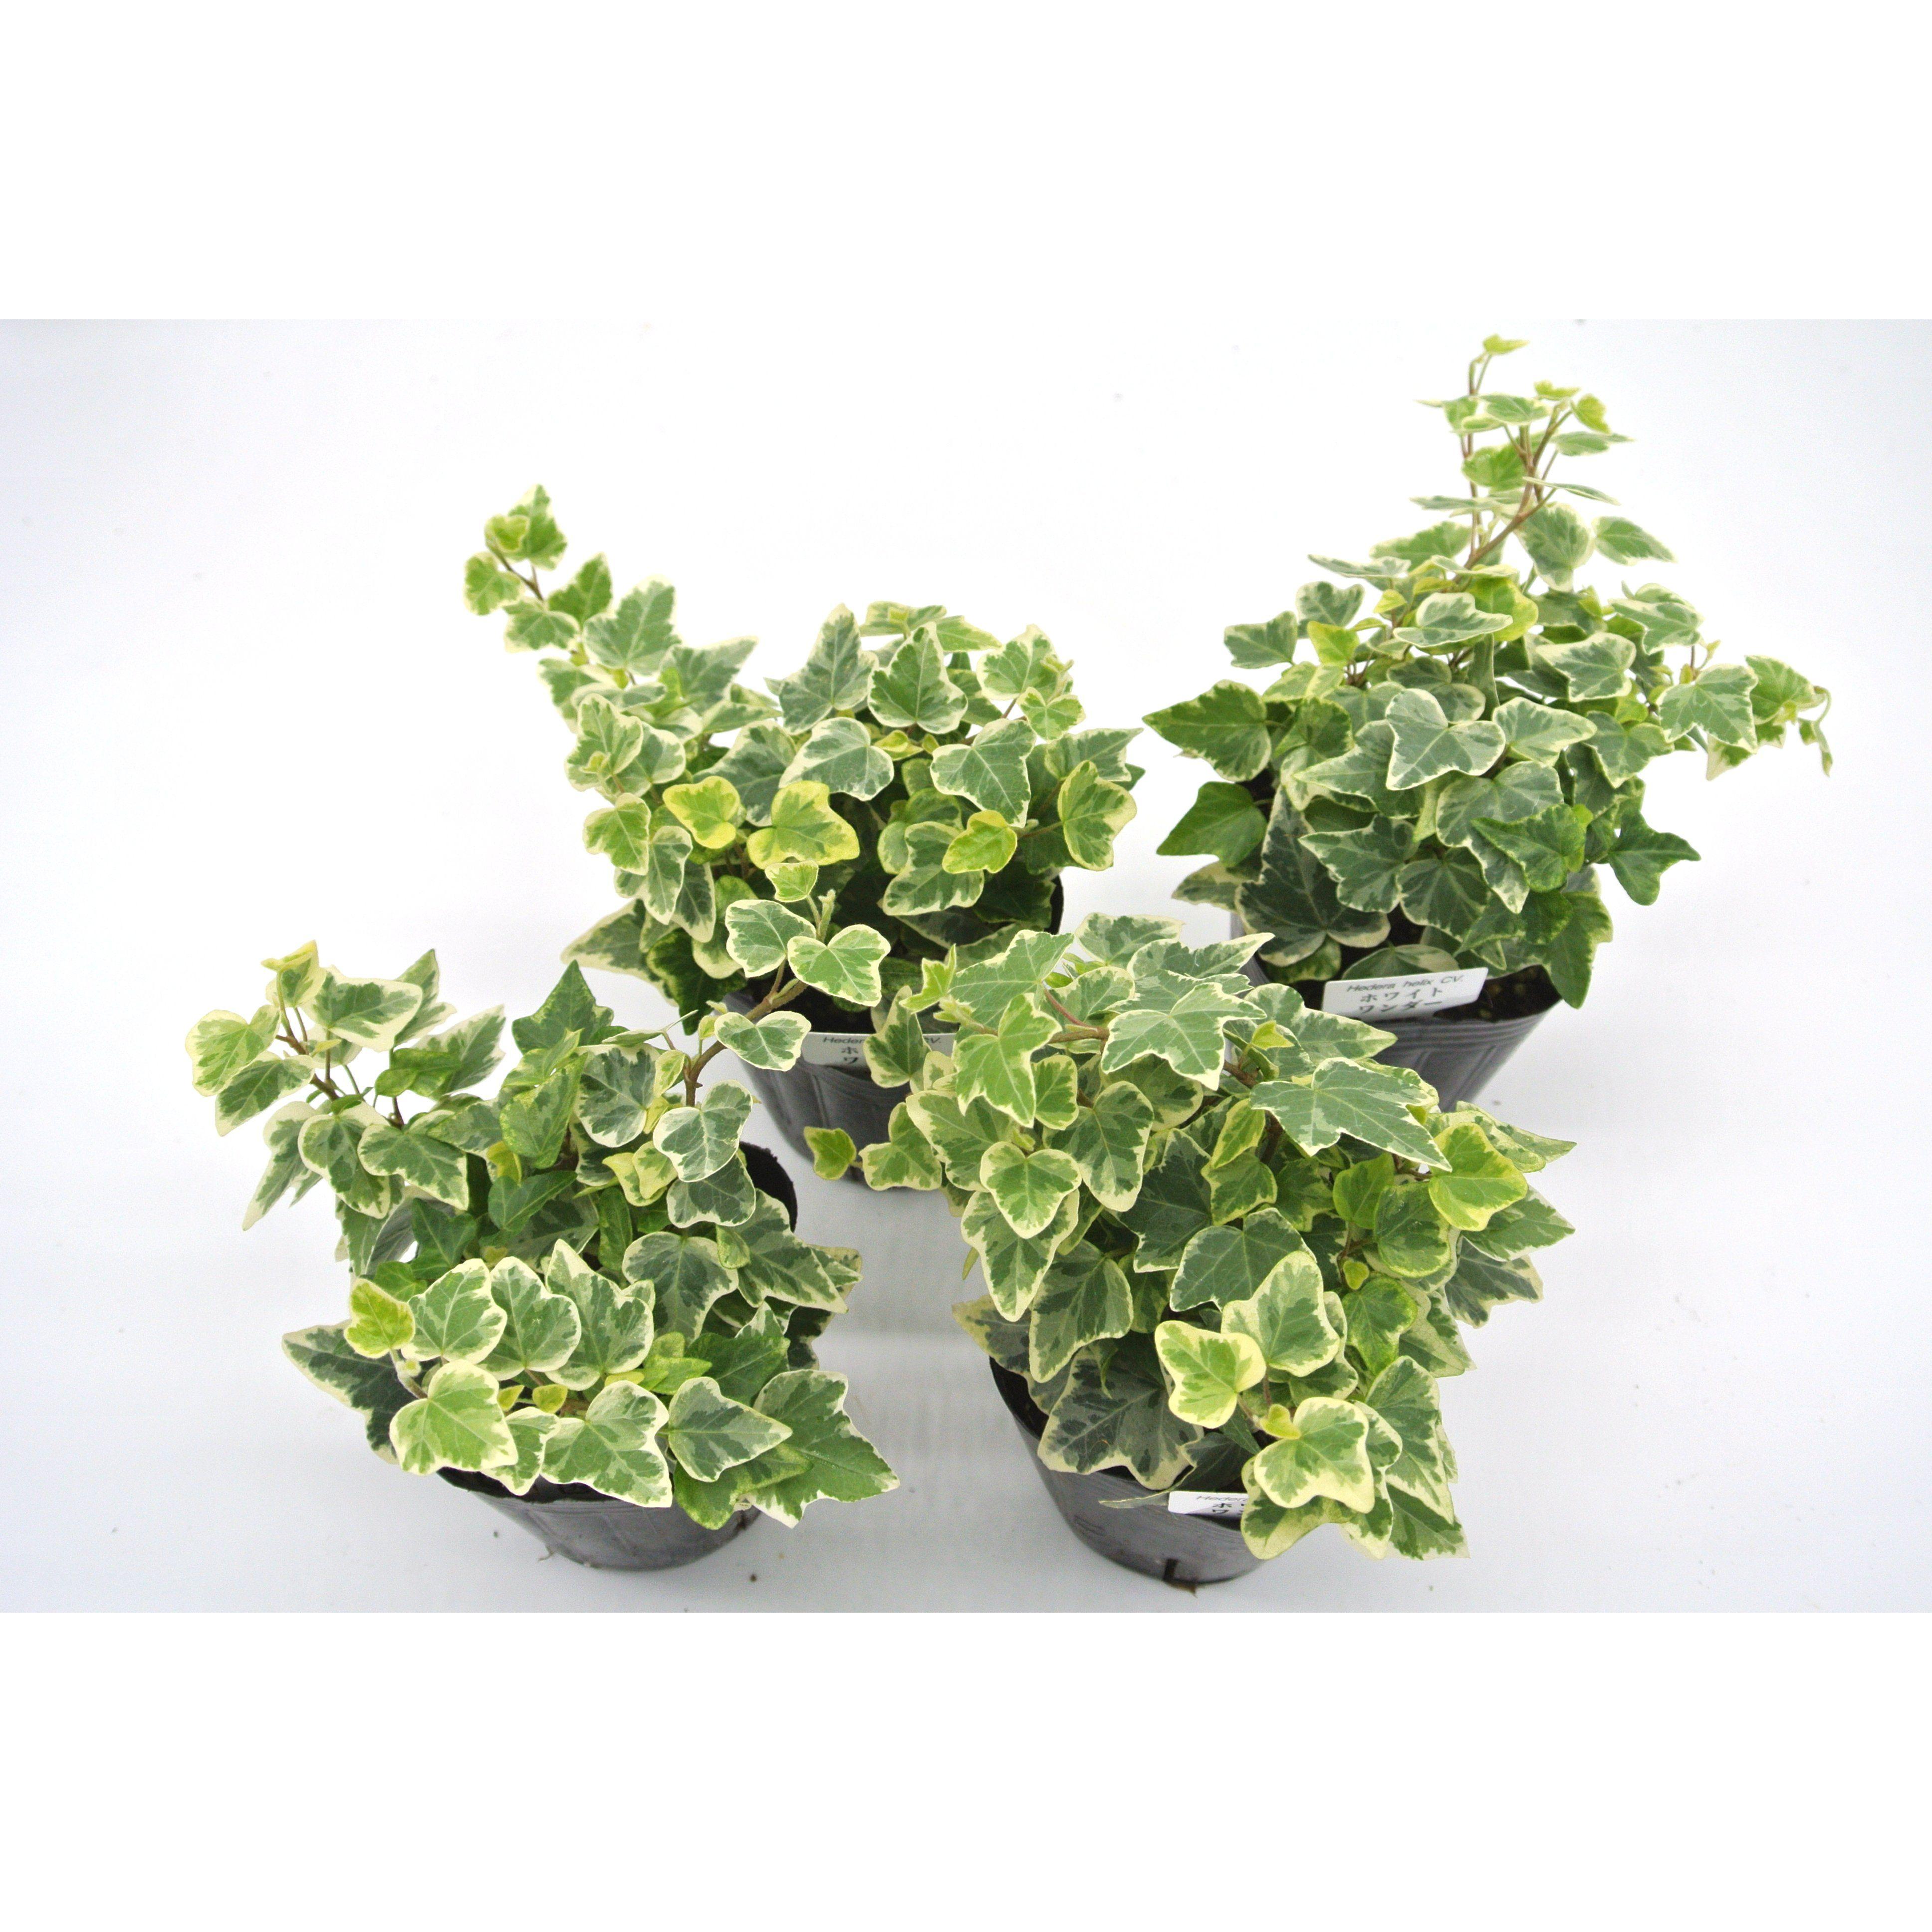 観葉植物 ヘデラ へリックス ホワイトワンダー 3号育成ポット 4ポット - 1